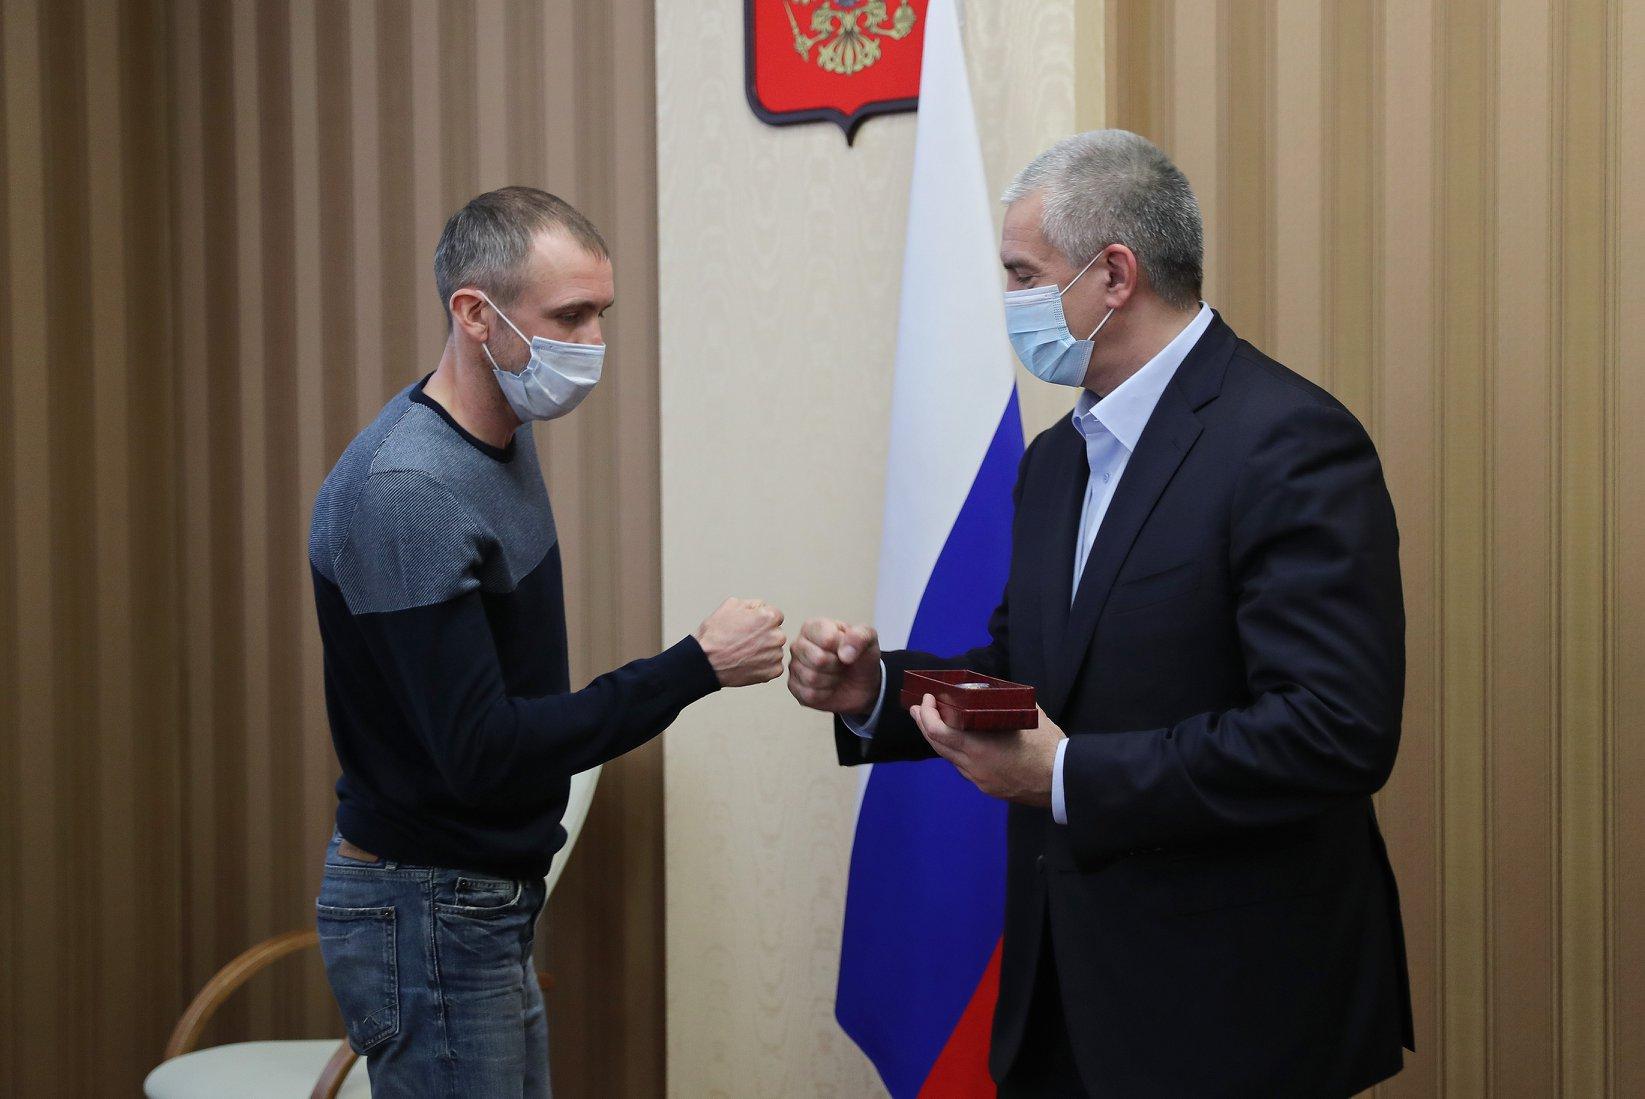 Глава Крыма наградил воспитанников училища олимпийского резерва, которые достойно представили Республику на чемпионатах РФ